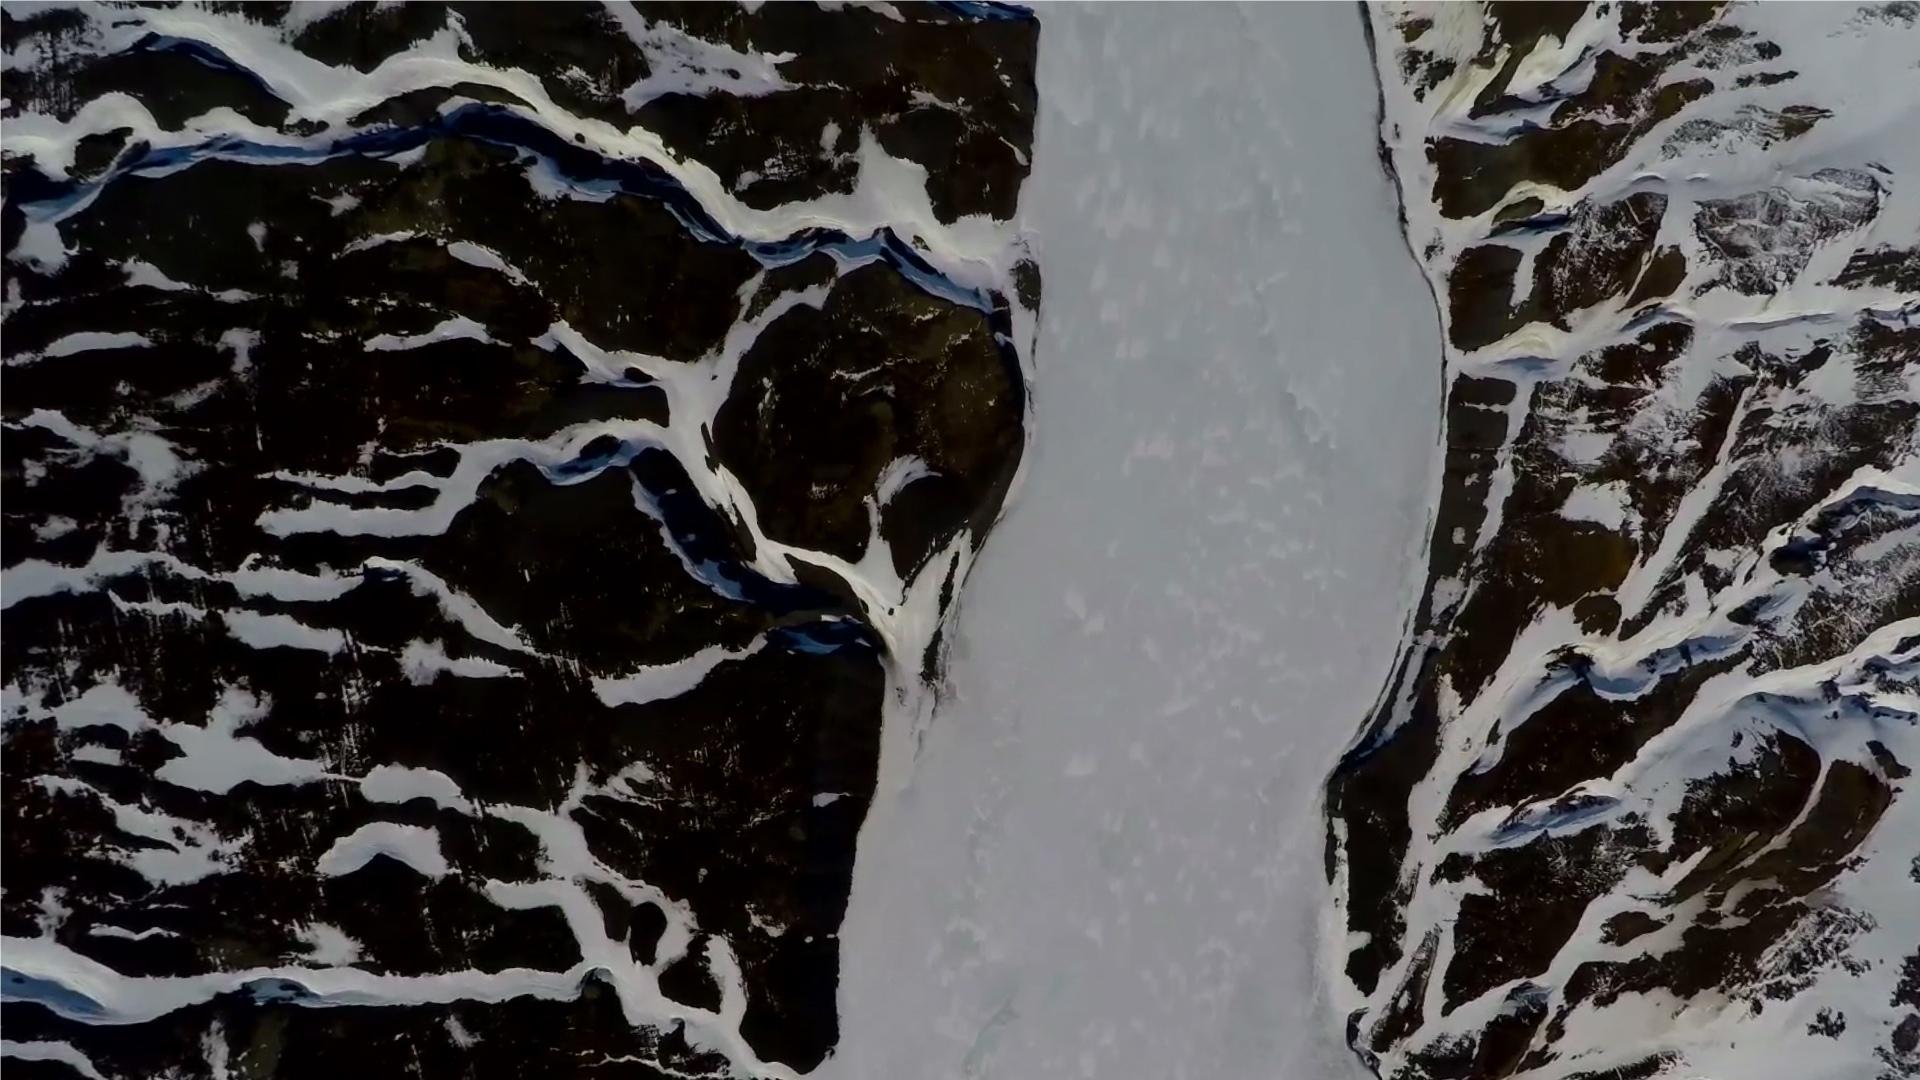 Авангардное кино, «нордический Шаляпин» и фолк-рок с Фарер. В Петербурге стартовали «Недели Северных стран» (Иллюстрация 1 из 1) (Фото: https://vk.com/event185398813 (Воспоминания о ландшафте. Исландский видеоарт), Послание к человеку)